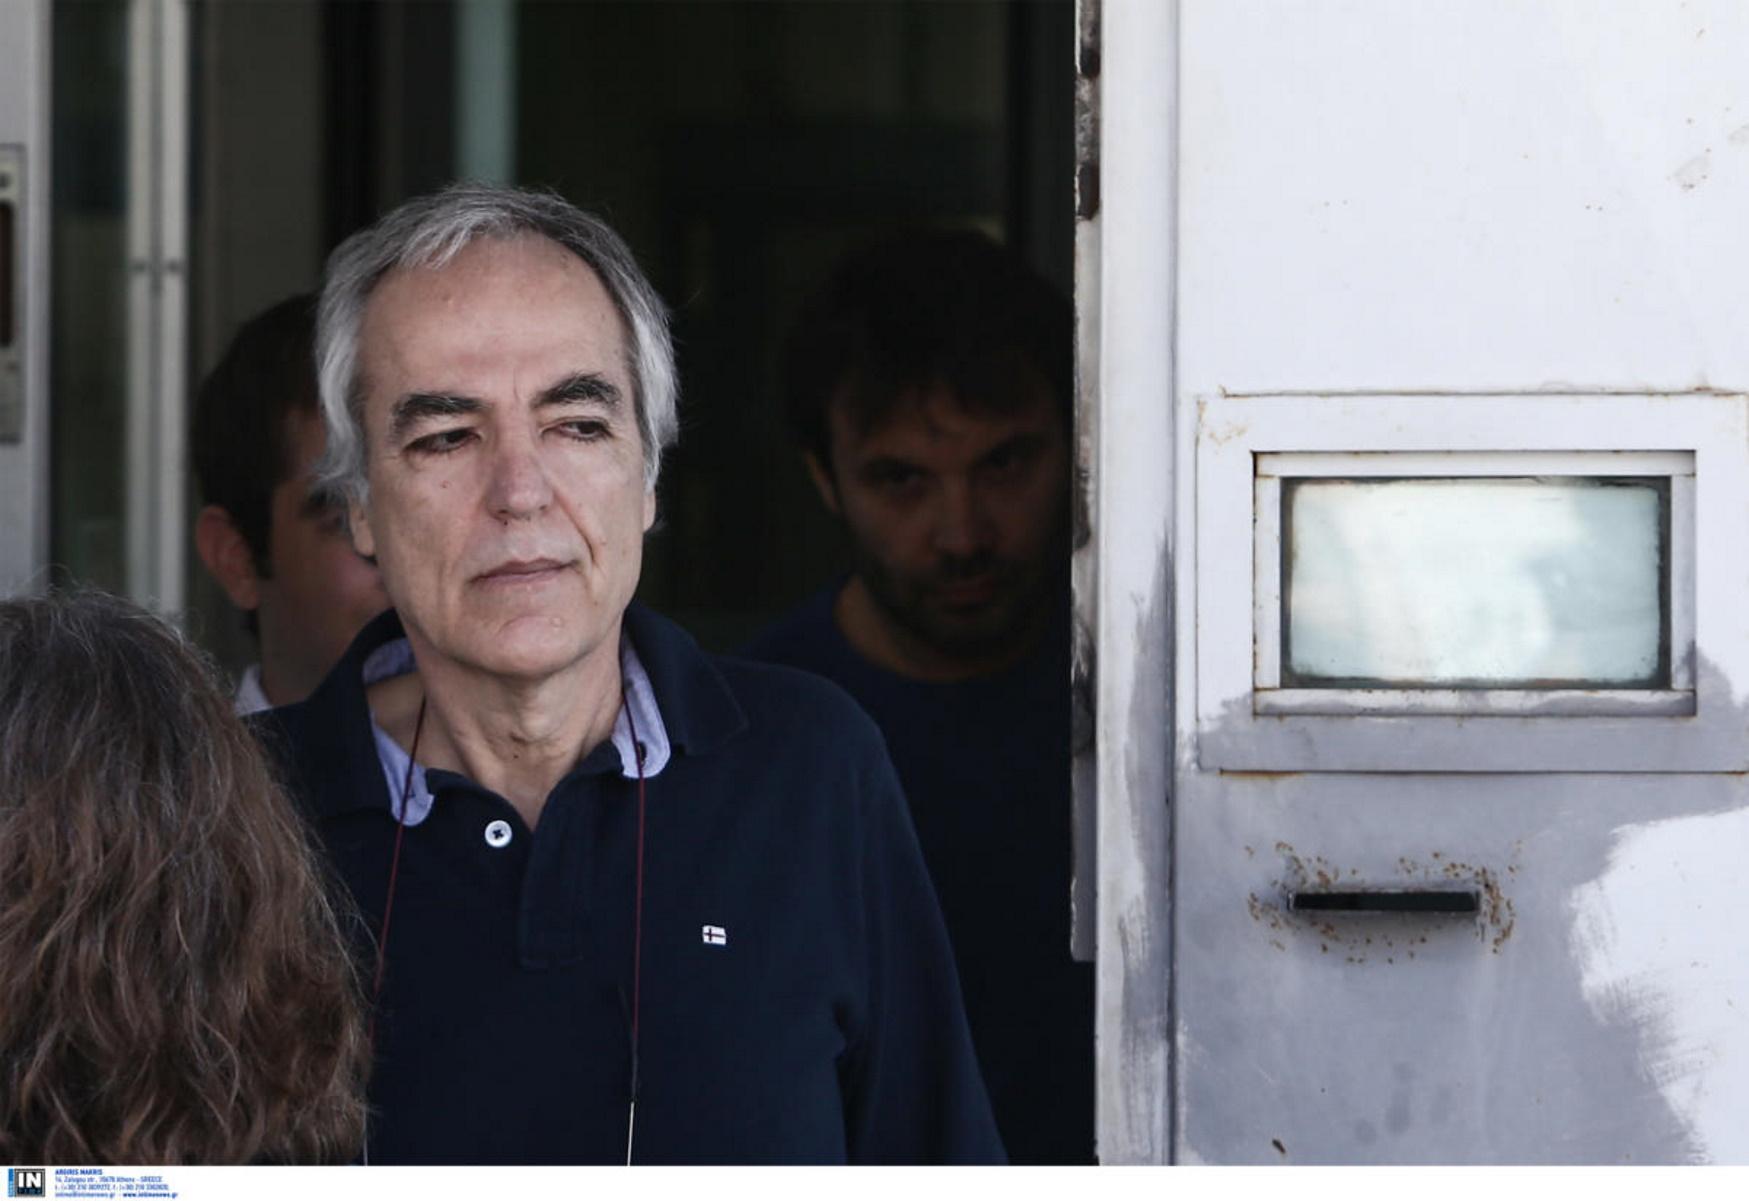 Στην Εντατική ο Δημήτρης Κουφοντίνας μετά από 40 μέρες απεργίας πείνας